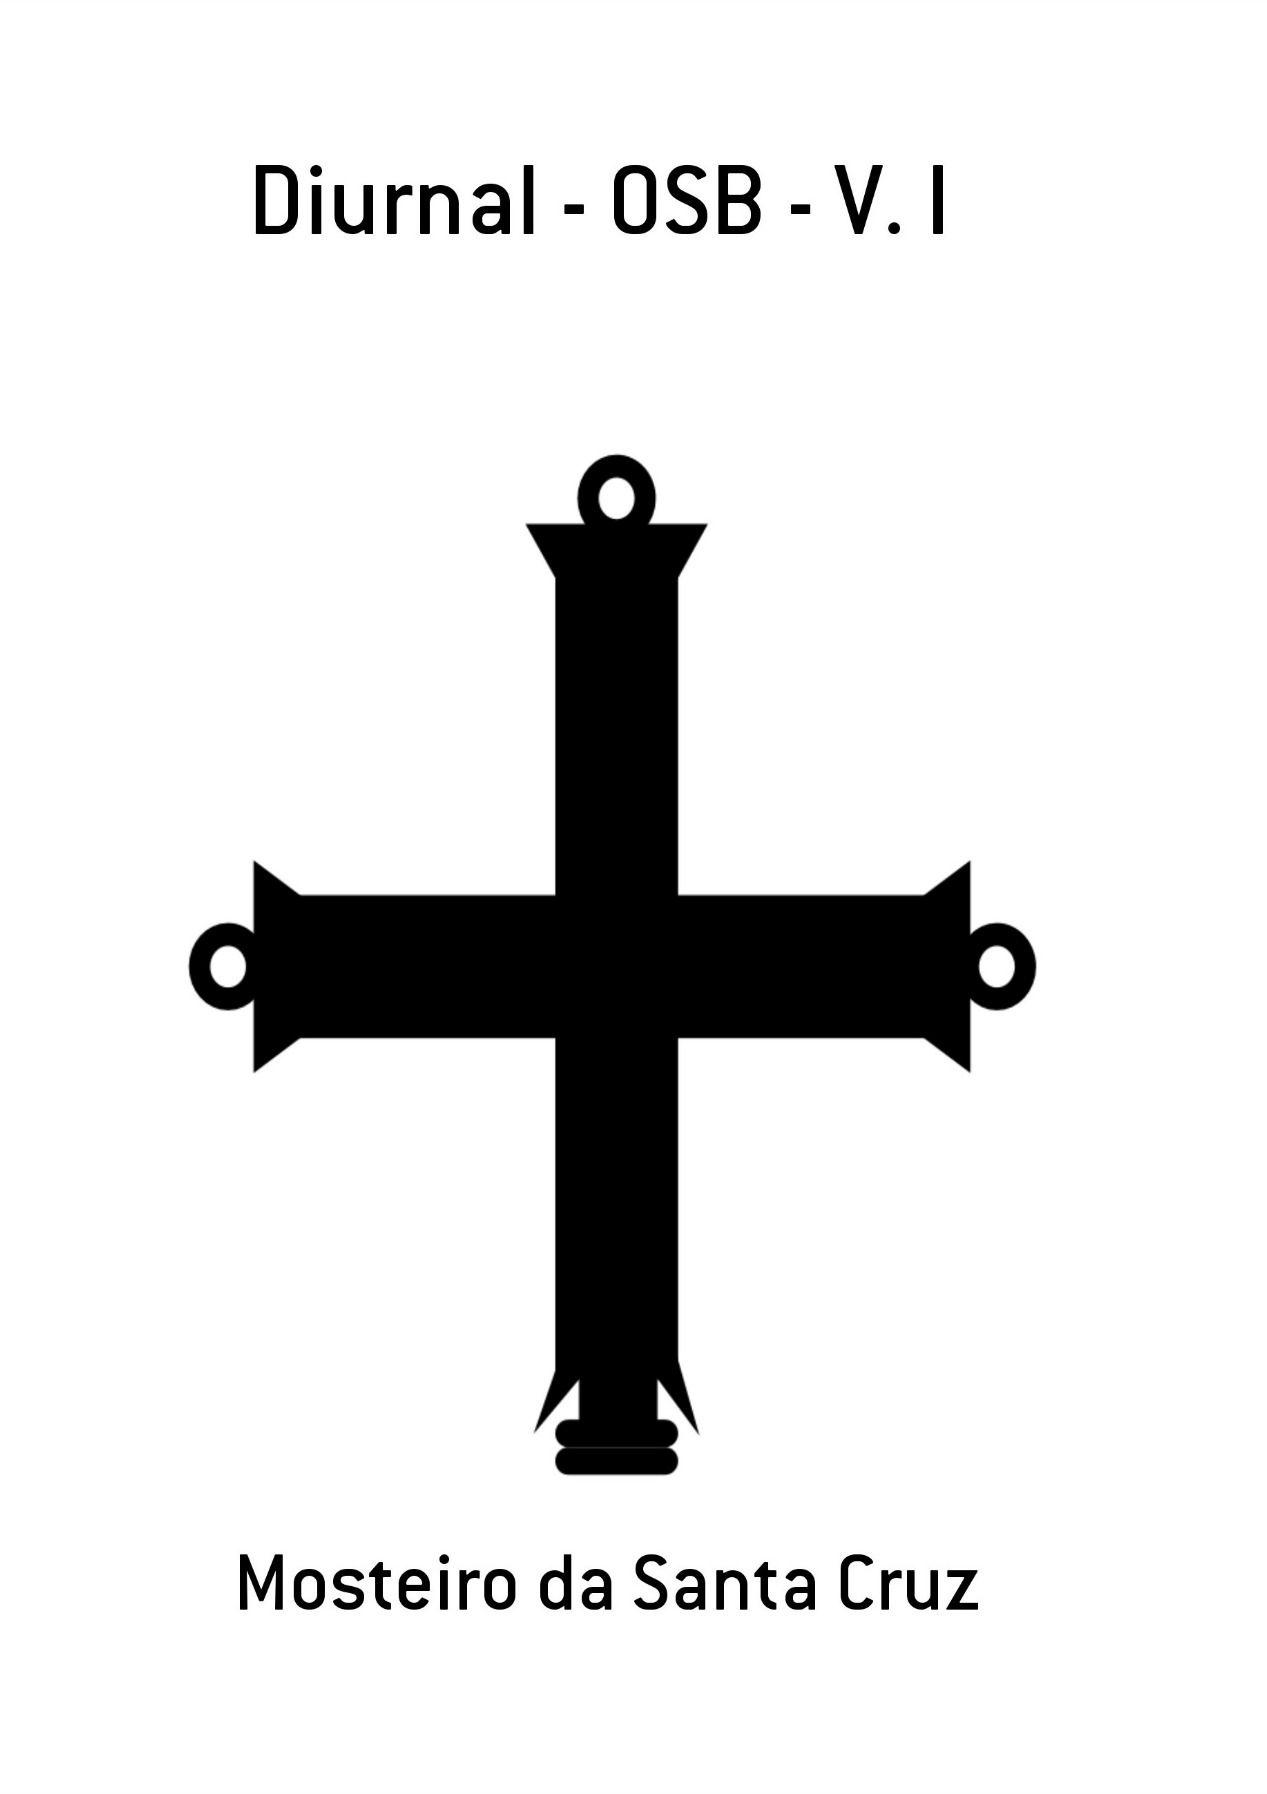 Diurnal Monástico Beneditino - V. I  - Livraria Santa Cruz